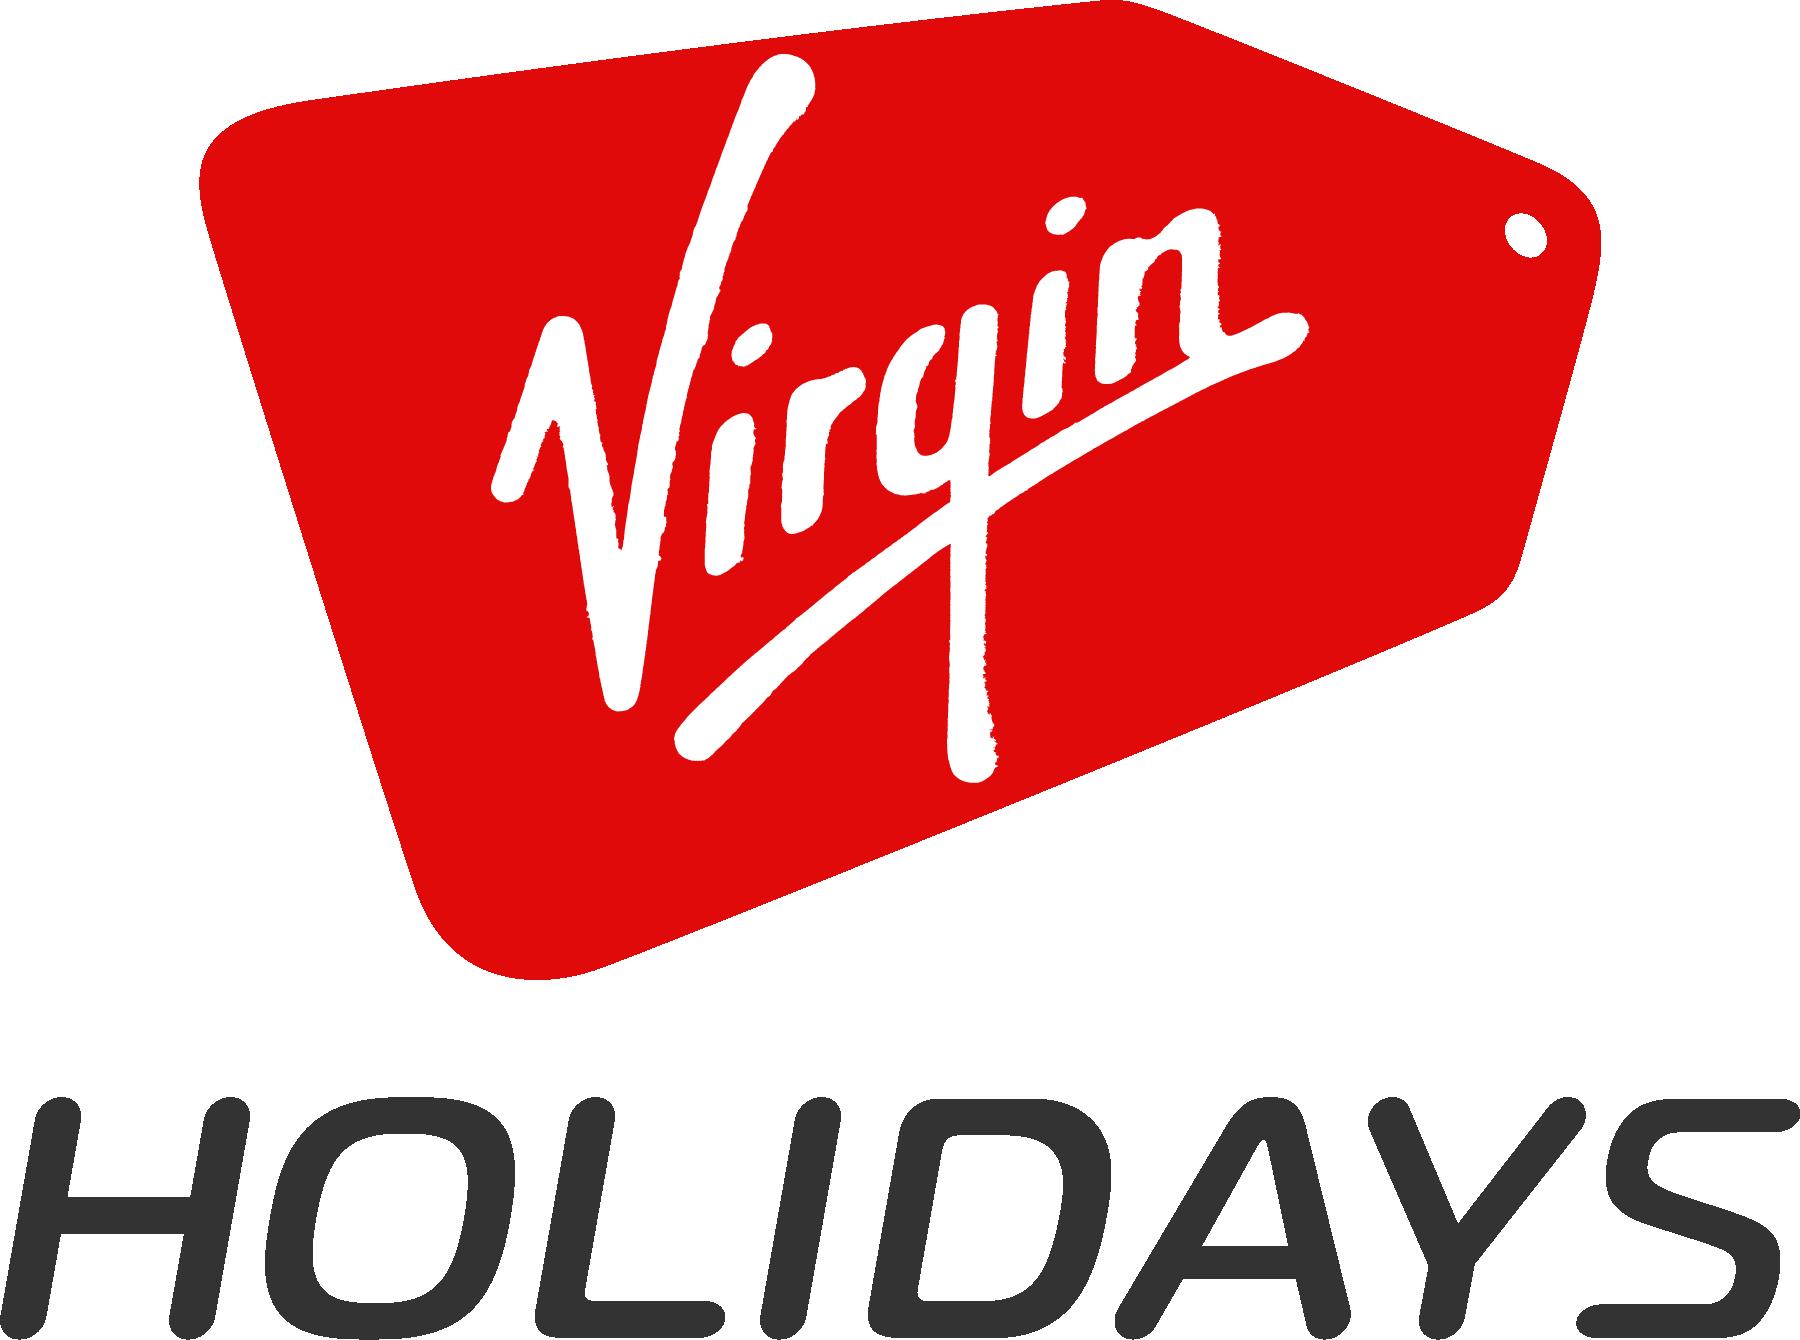 Virgin Holidays at Next, Carlisle, The Lanes Shopping Centre